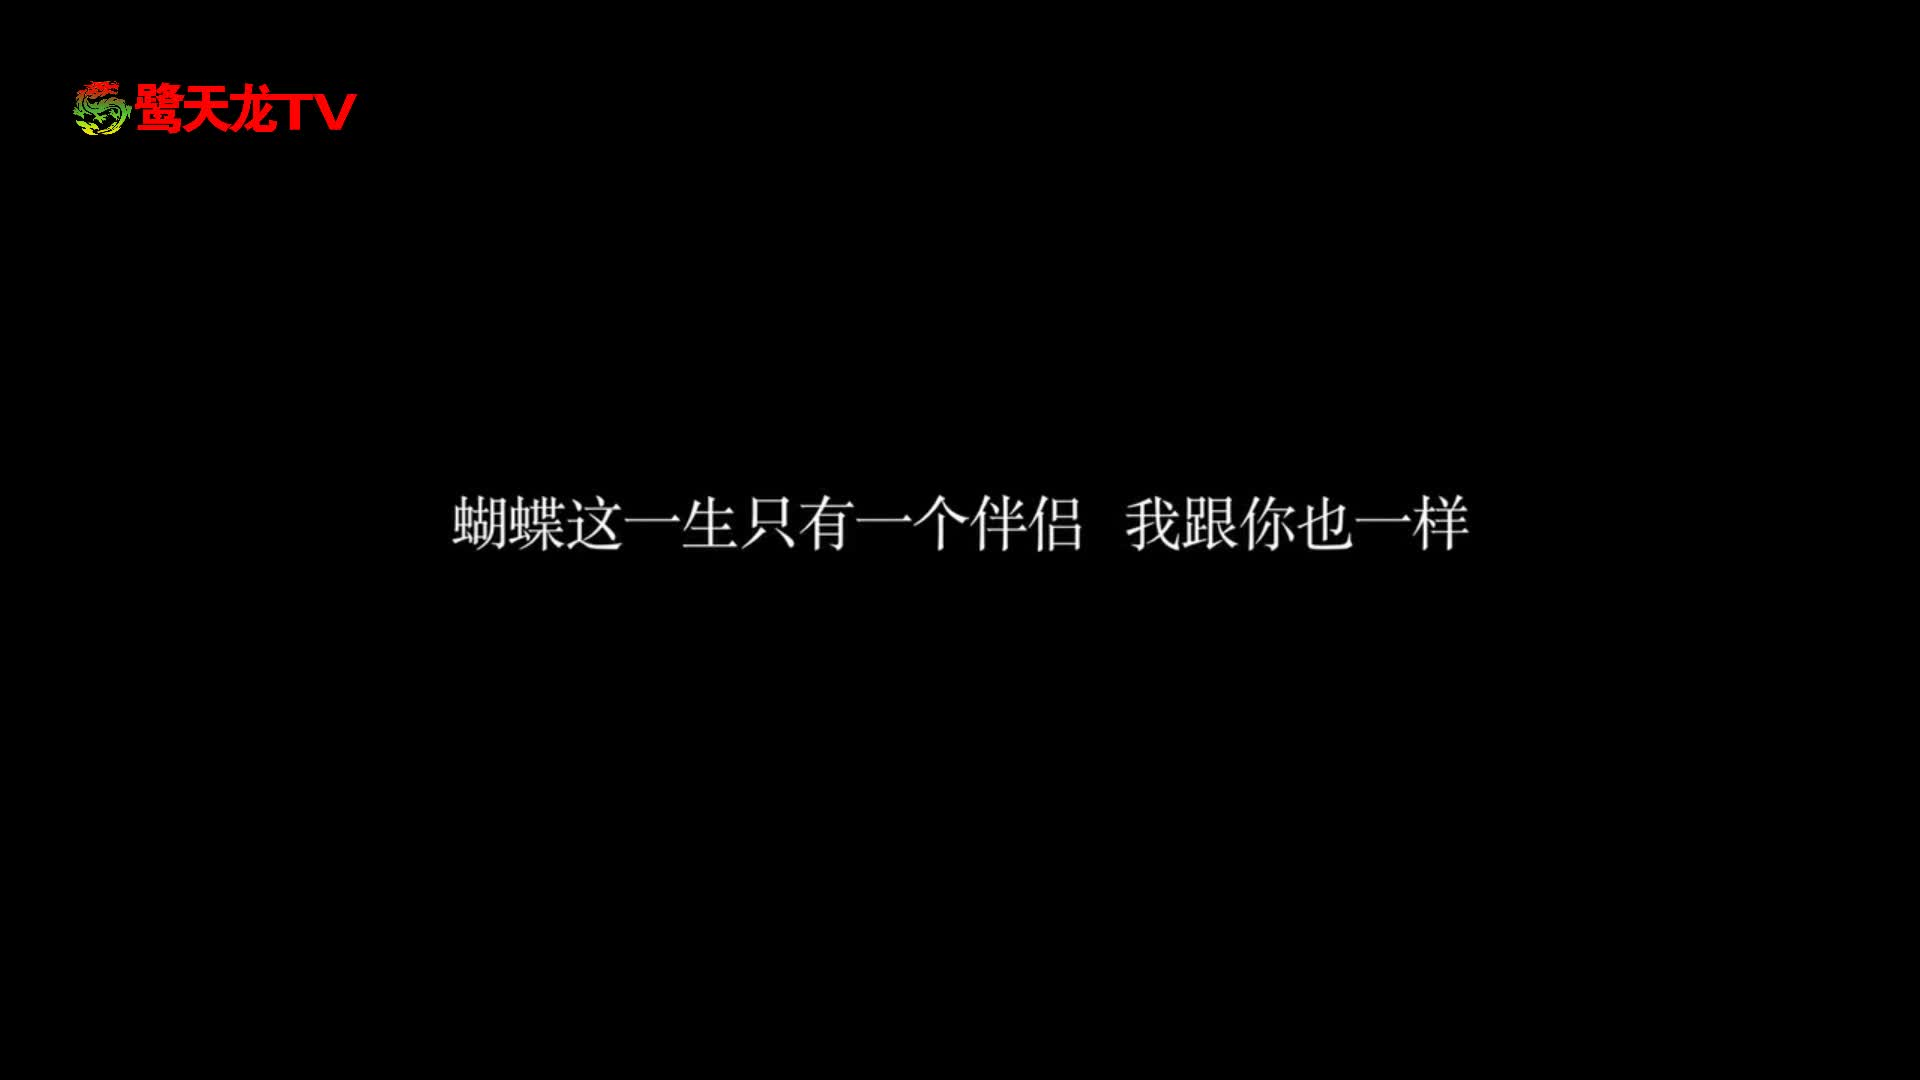 《蝴蝶公墓》主题曲蝶变MV 经典再现演绎奇情蝶恋